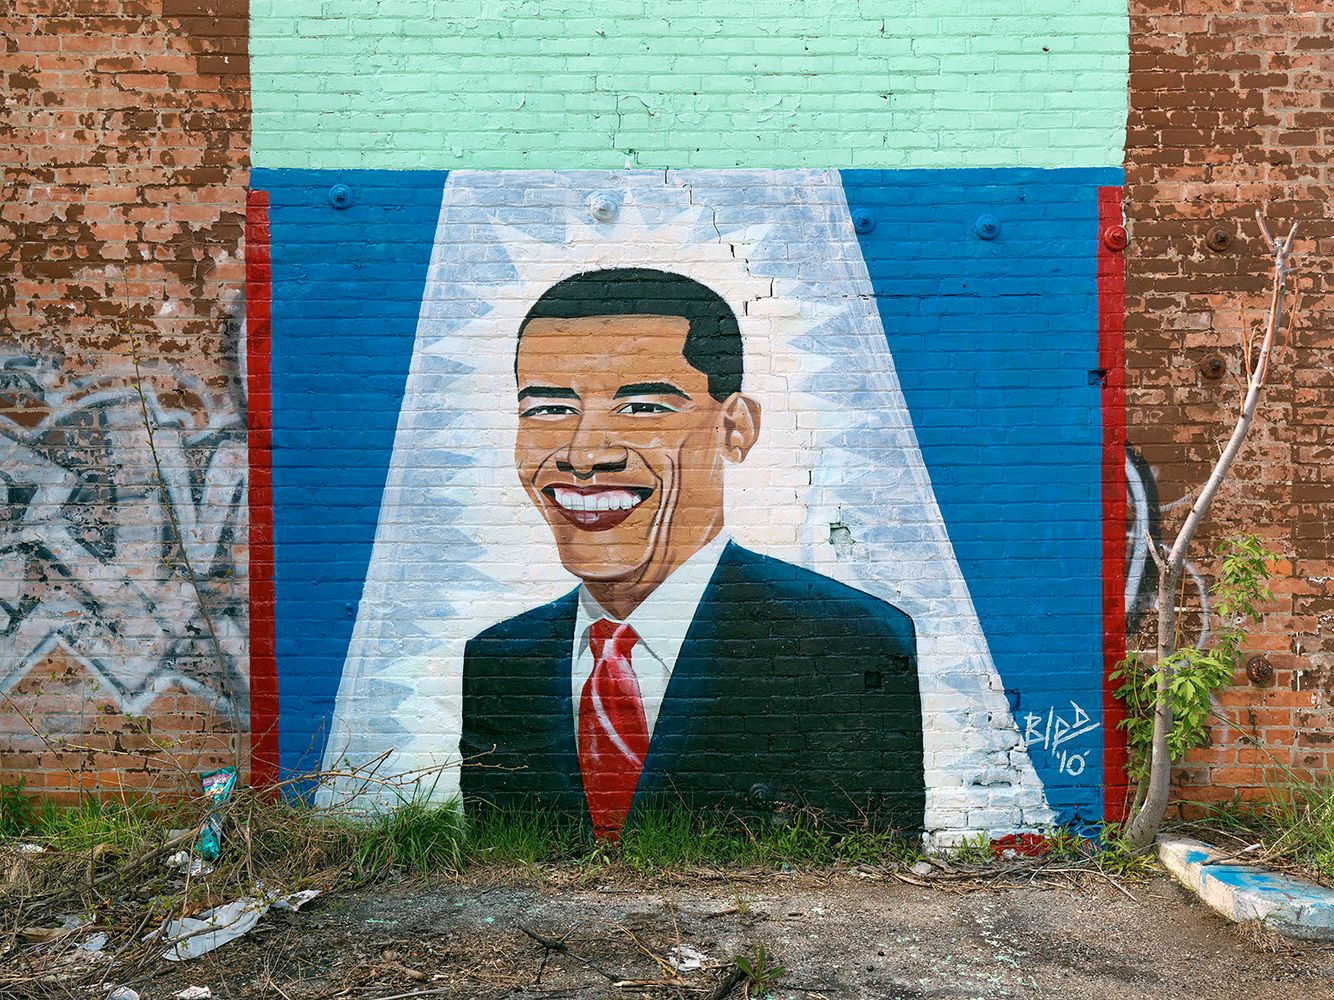 Obama portrait painted by Bird, Gratiot Avenue, Detroit 2011